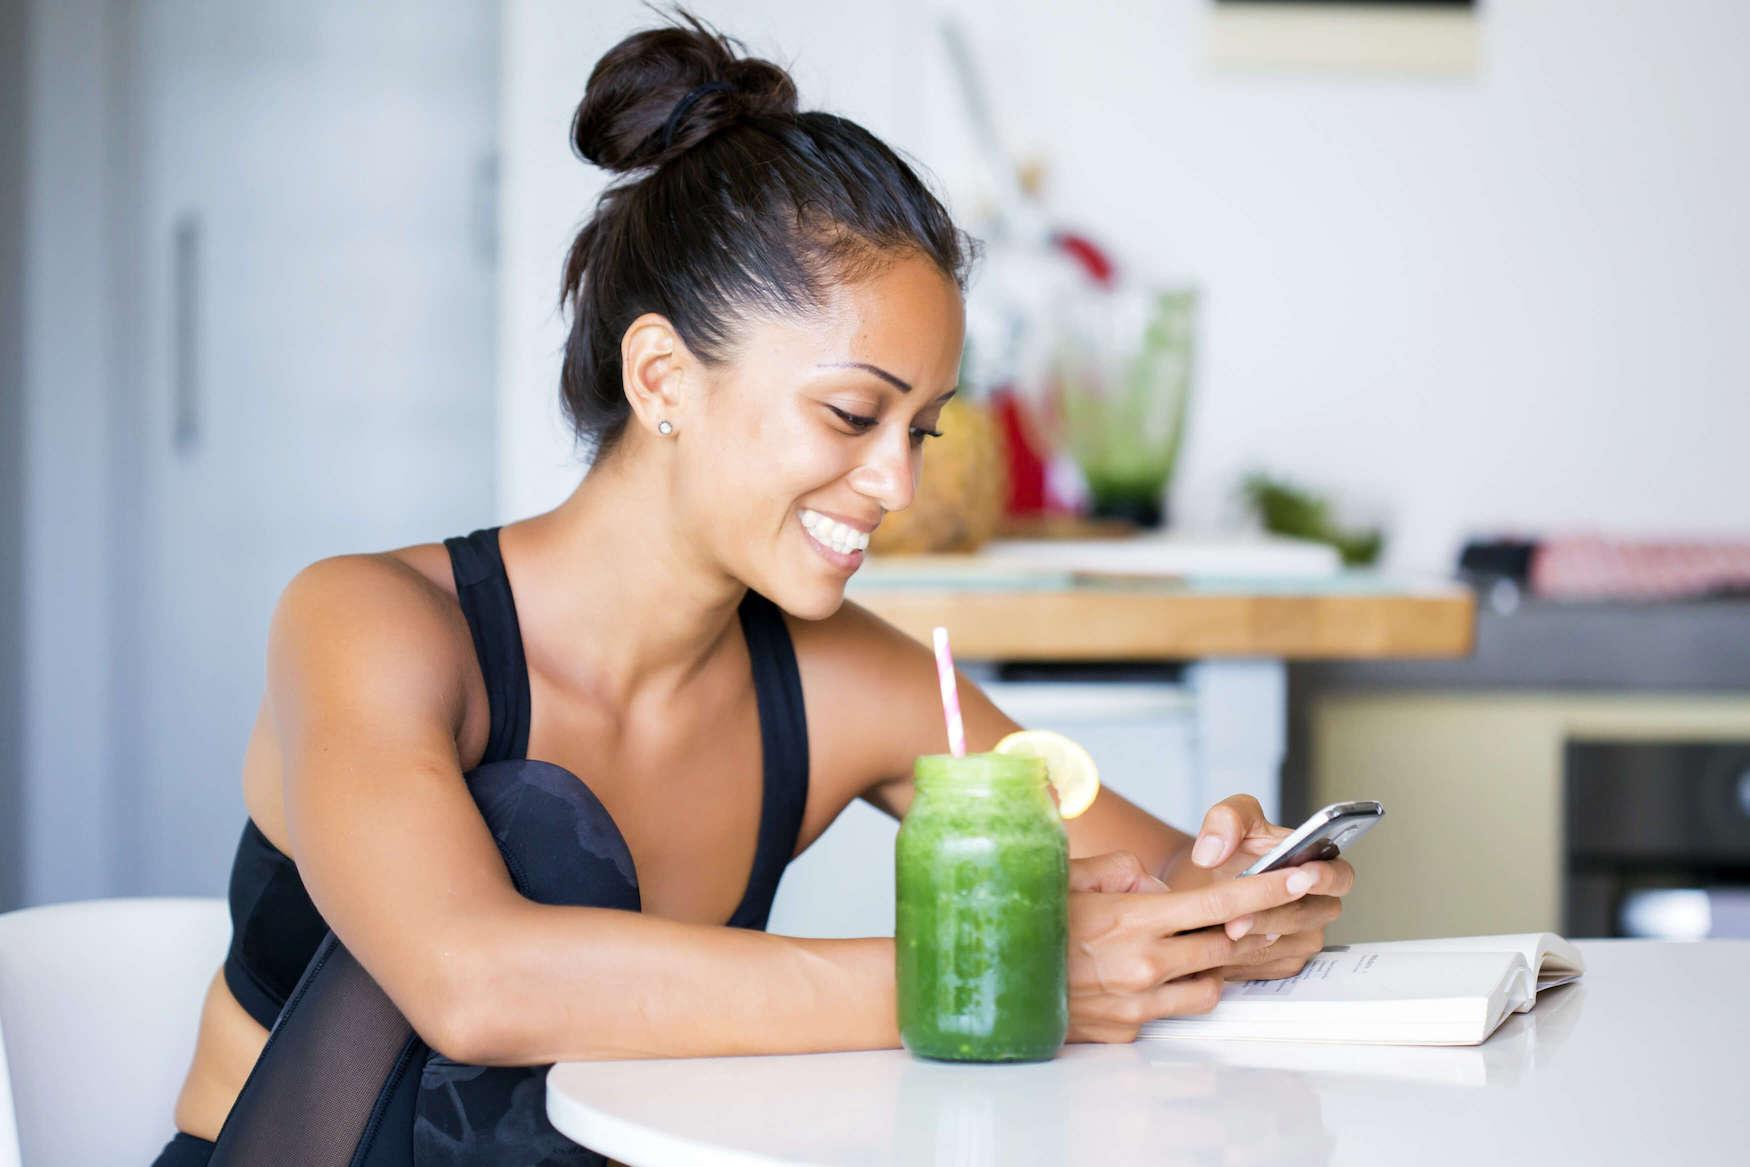 10 x eenvoudig gezonder leven | Tips voor een gezonde levensstijl